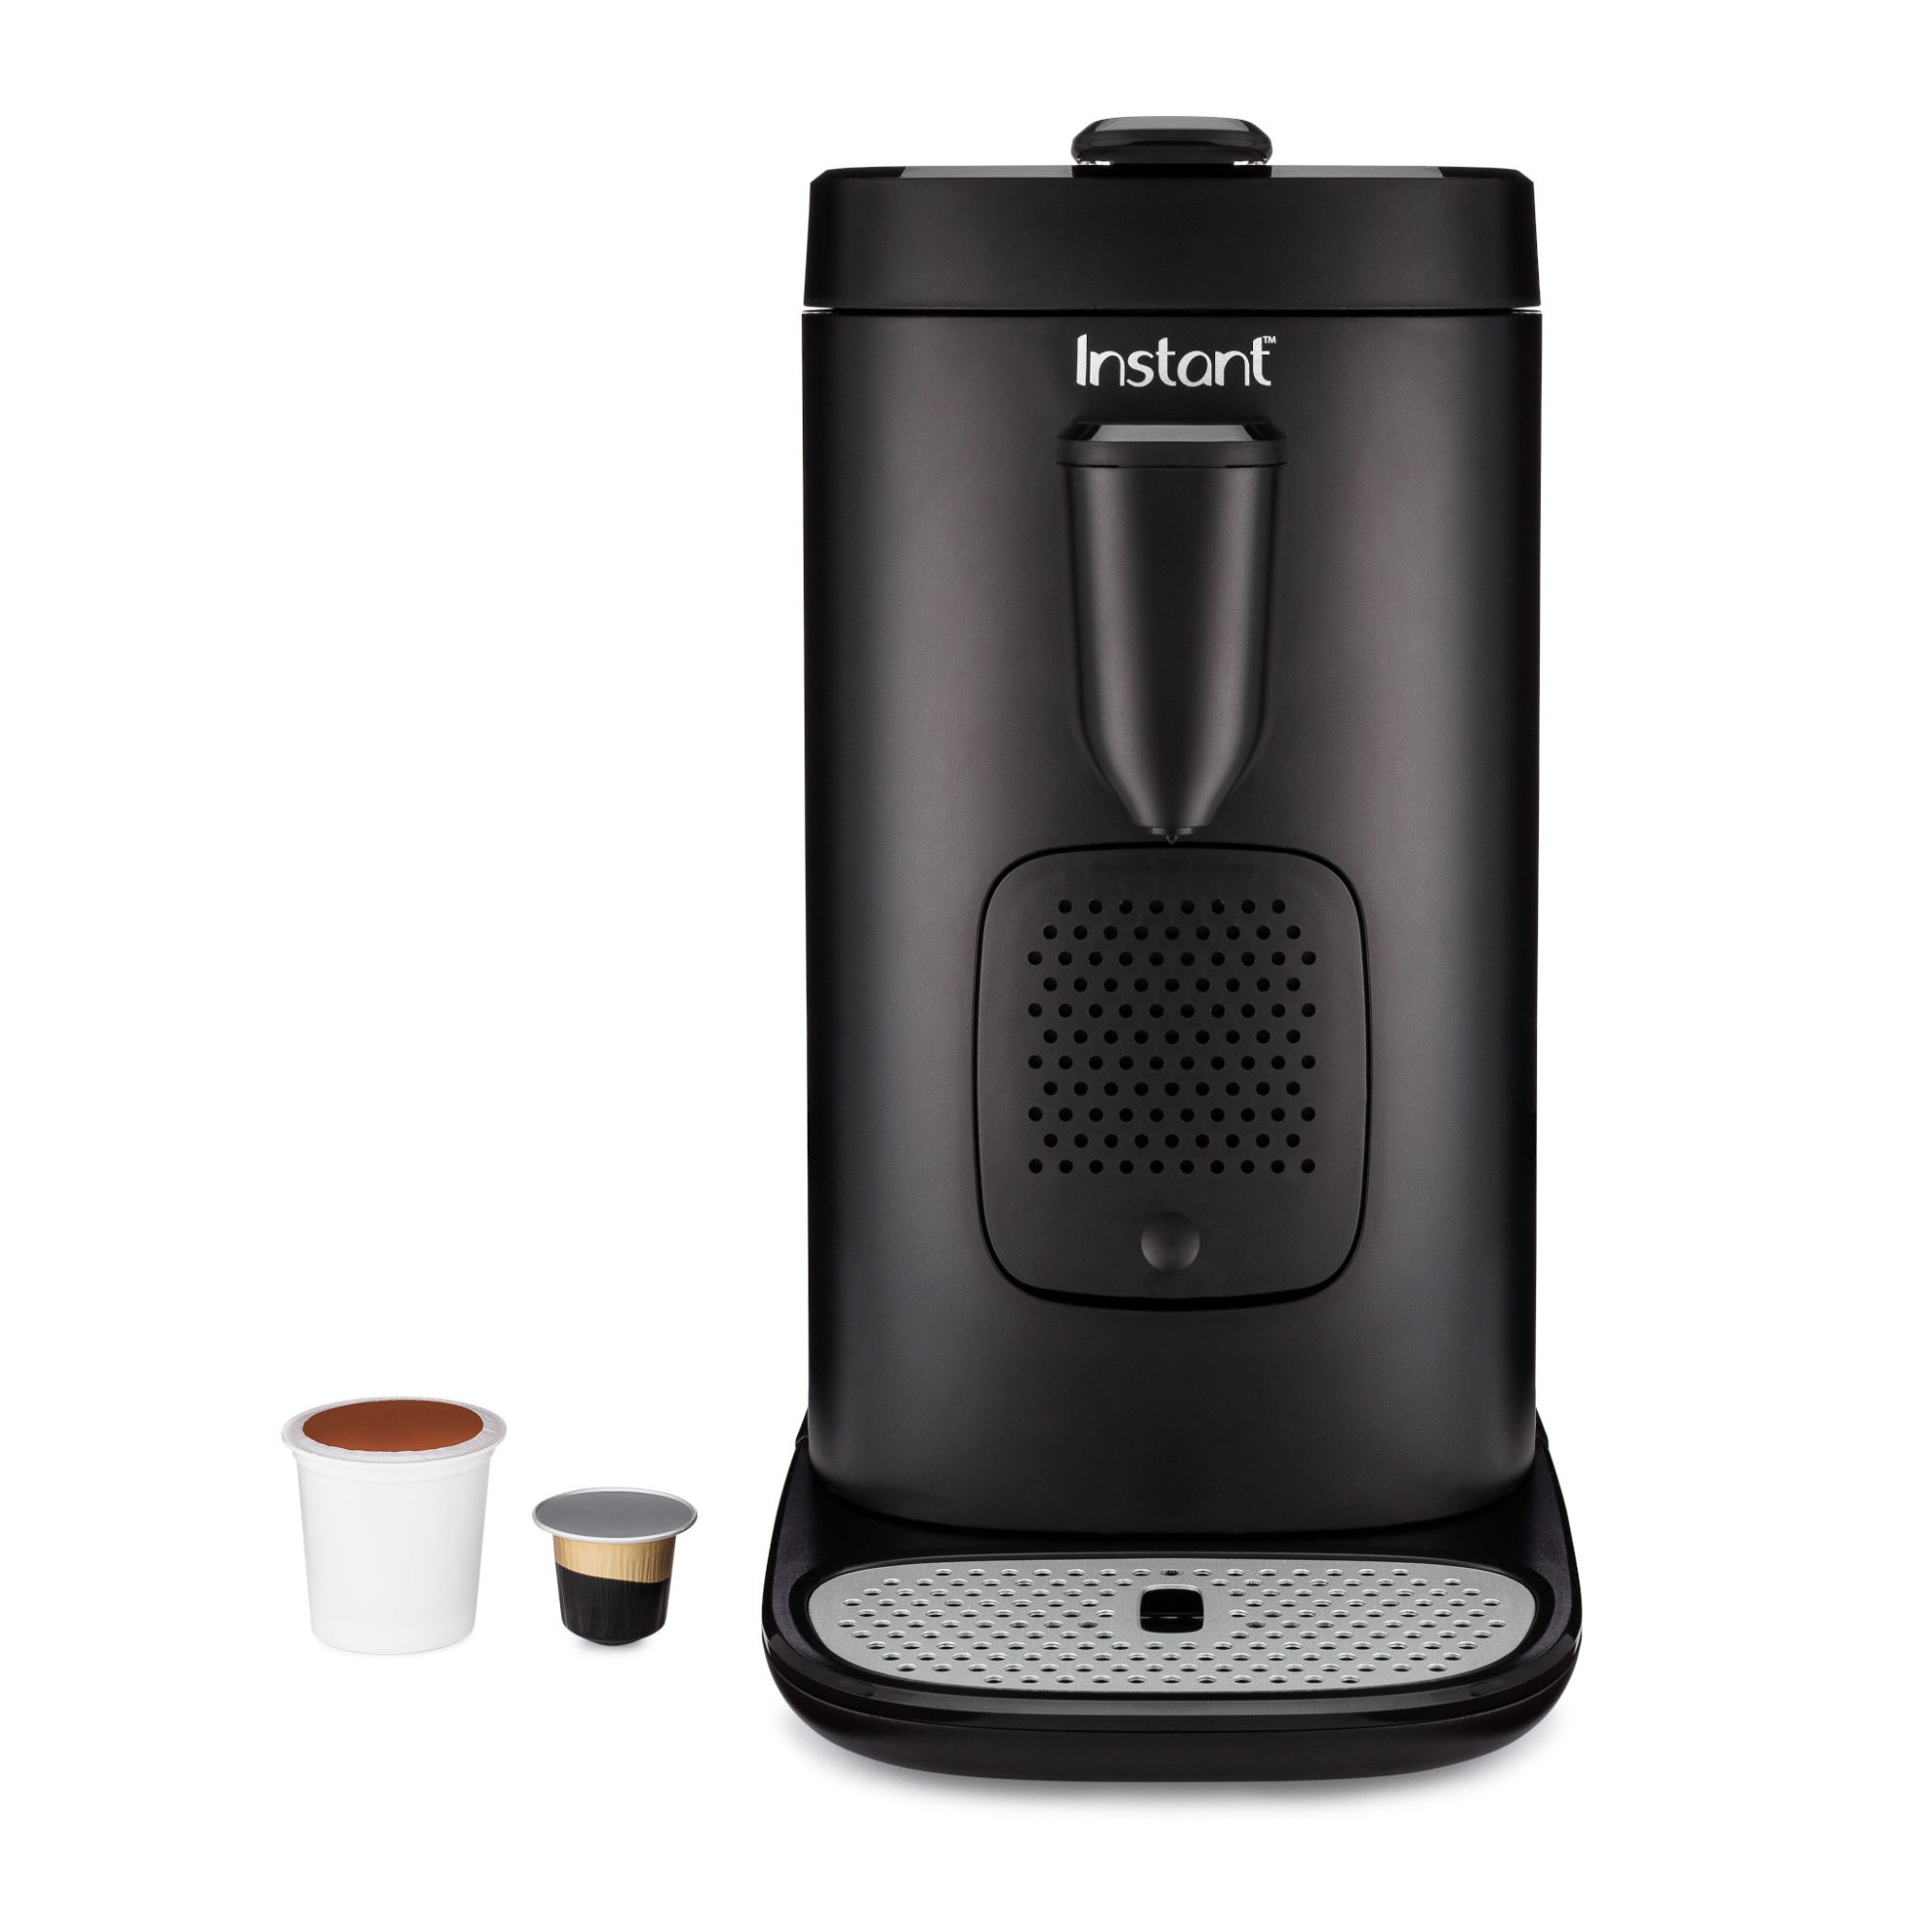 Instant Pod Coffee Maker & Espresso Maker, 2 in 1 Single Brew for K-Cup Pod & Nespresso Capsules - Walmart.com